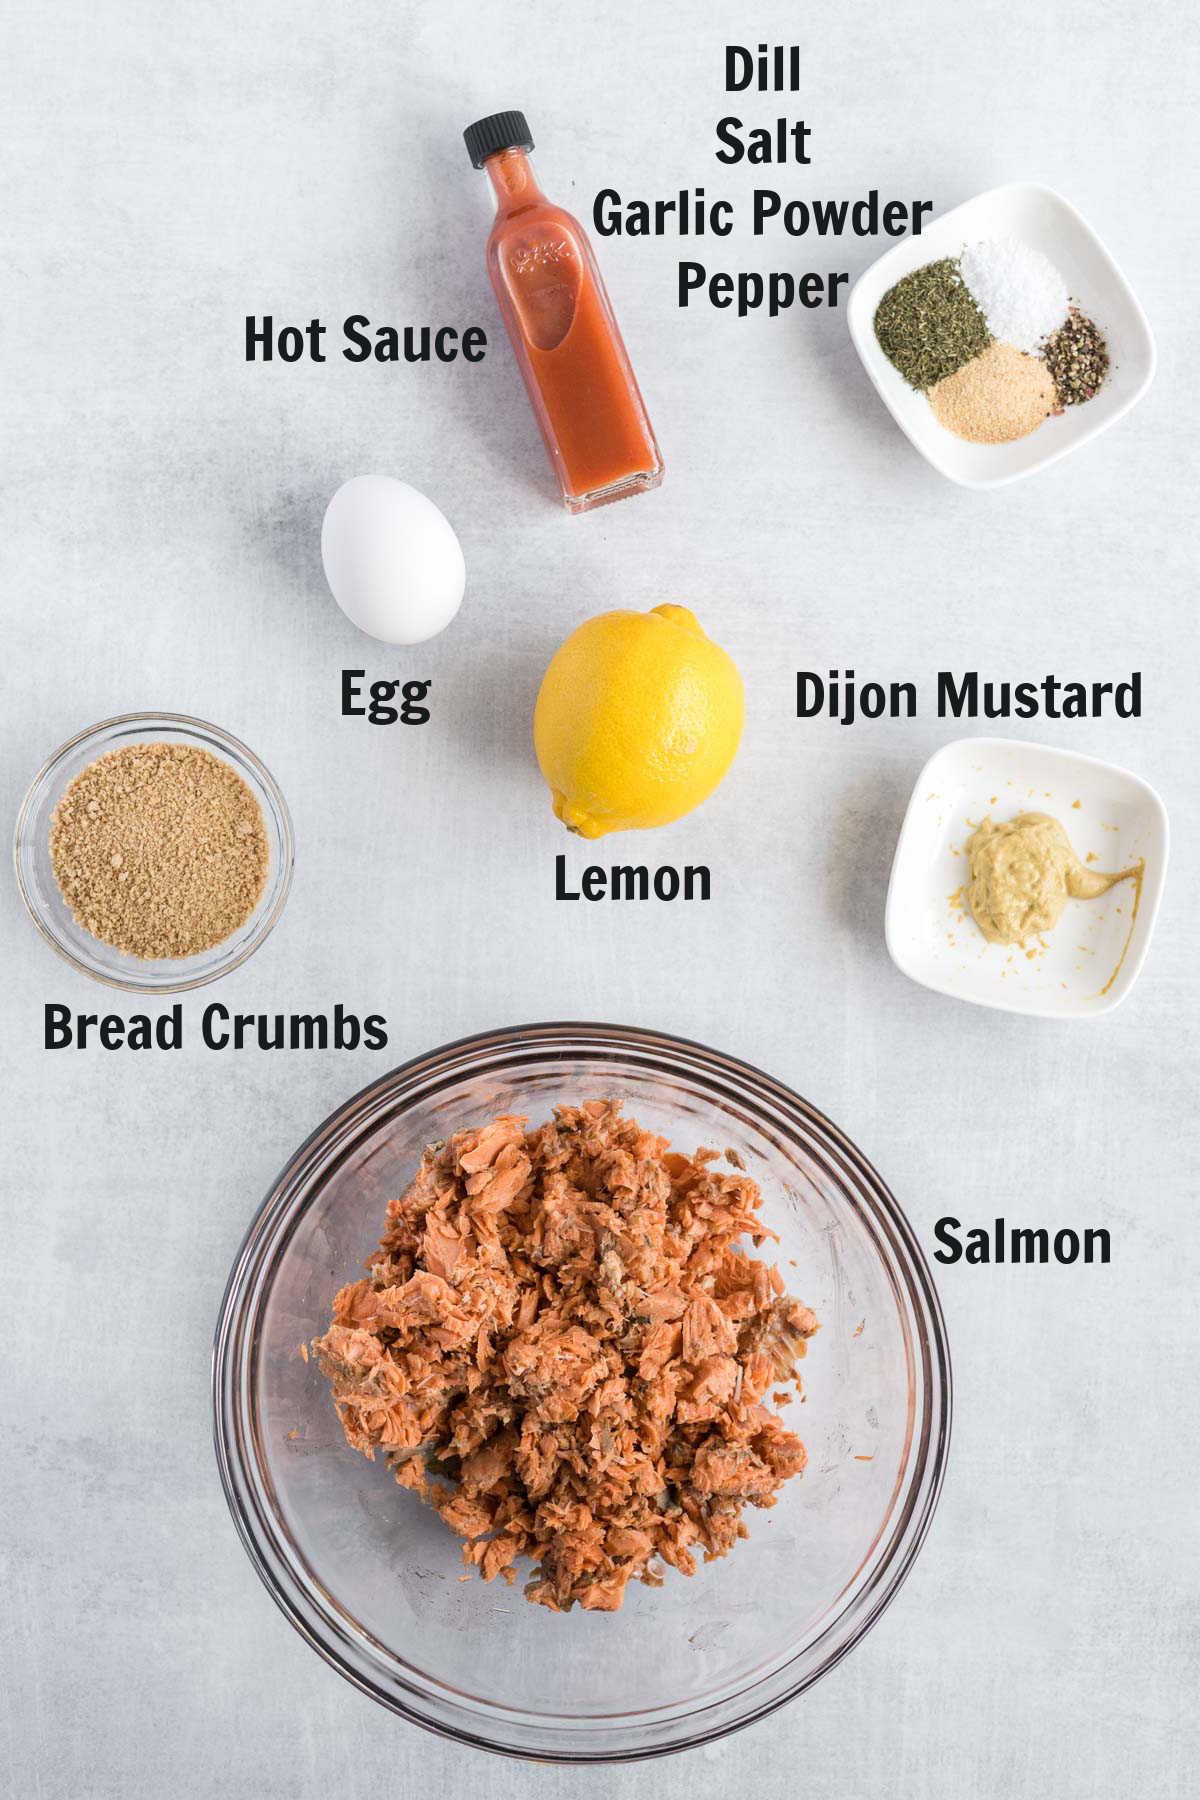 Ingredients to make salmon patties.